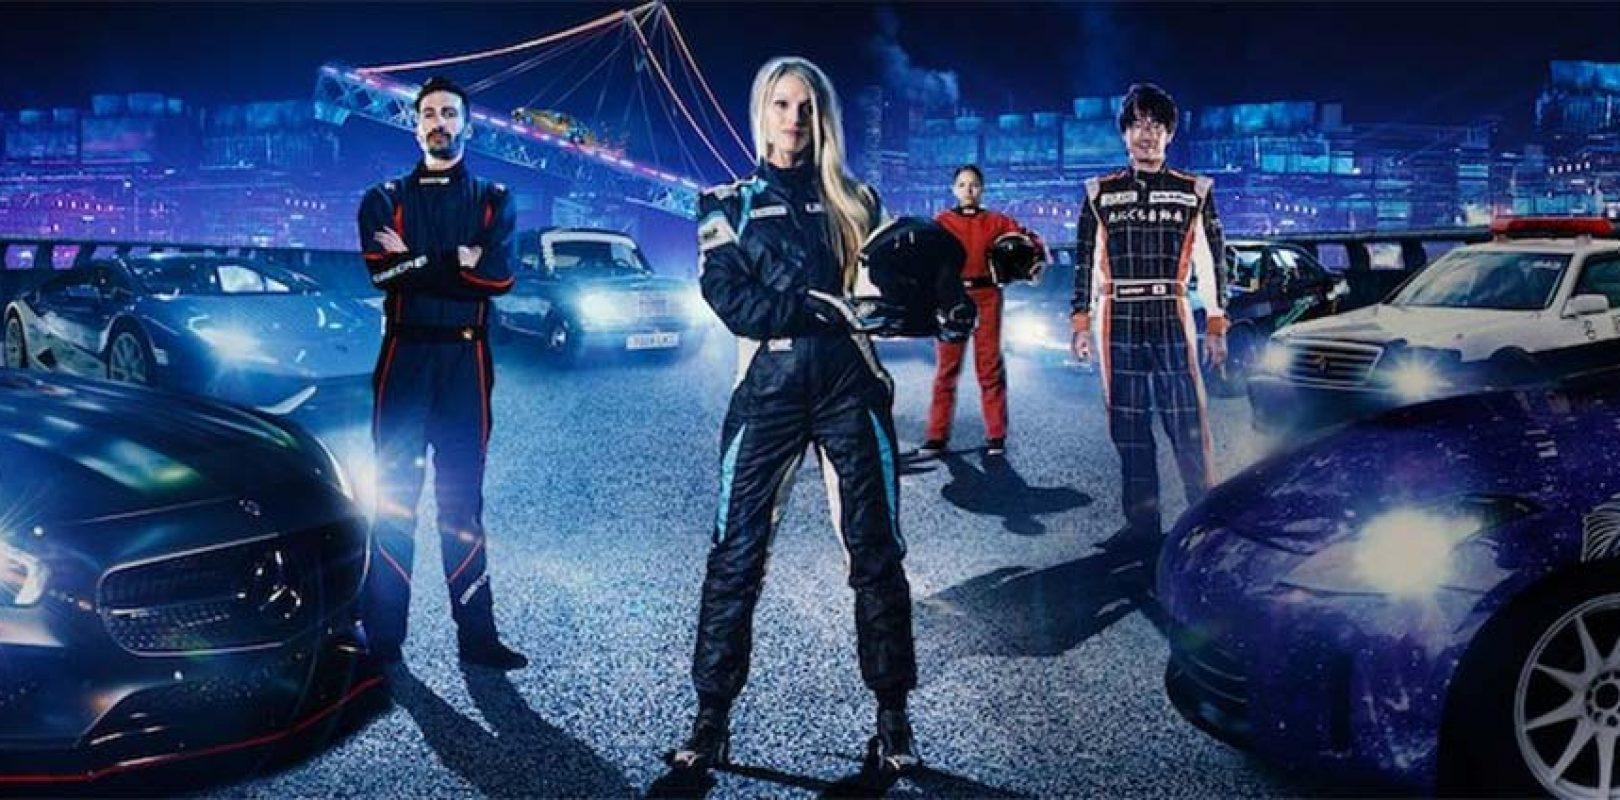 najlepsza wyprzedaż najniższa zniżka unikalny design Who Are The Contestants On Netflix Hyperdrive? - Next Flicks